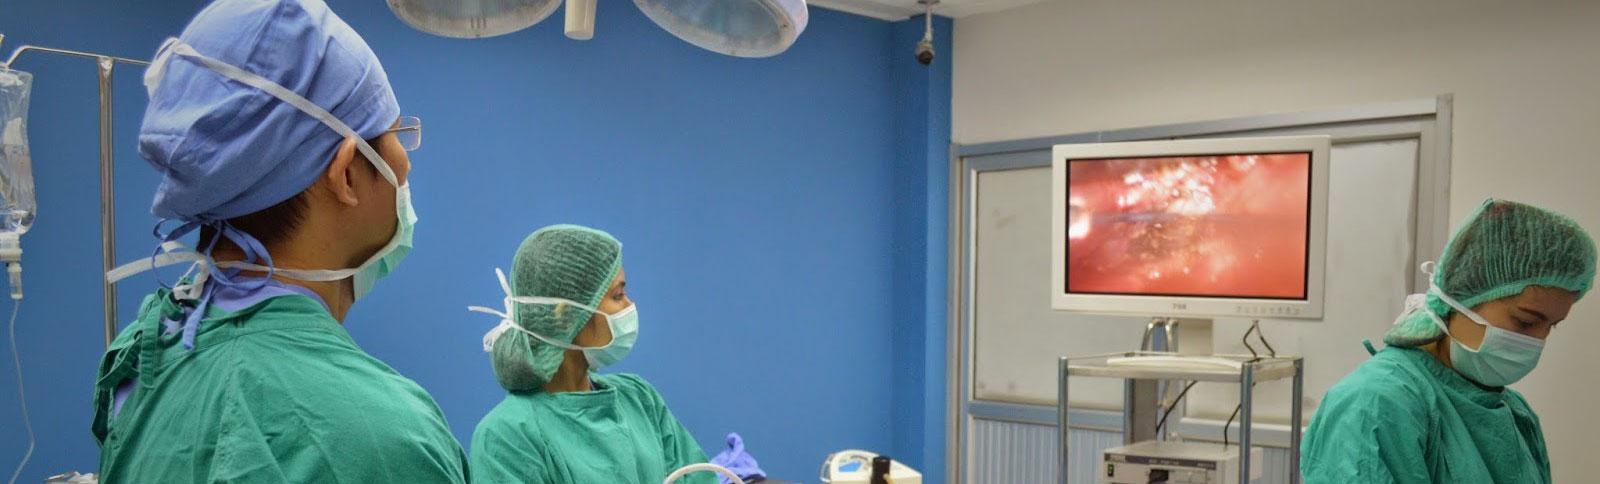 CEMMI - Cirugía Endoscópica y Mini Invasiva